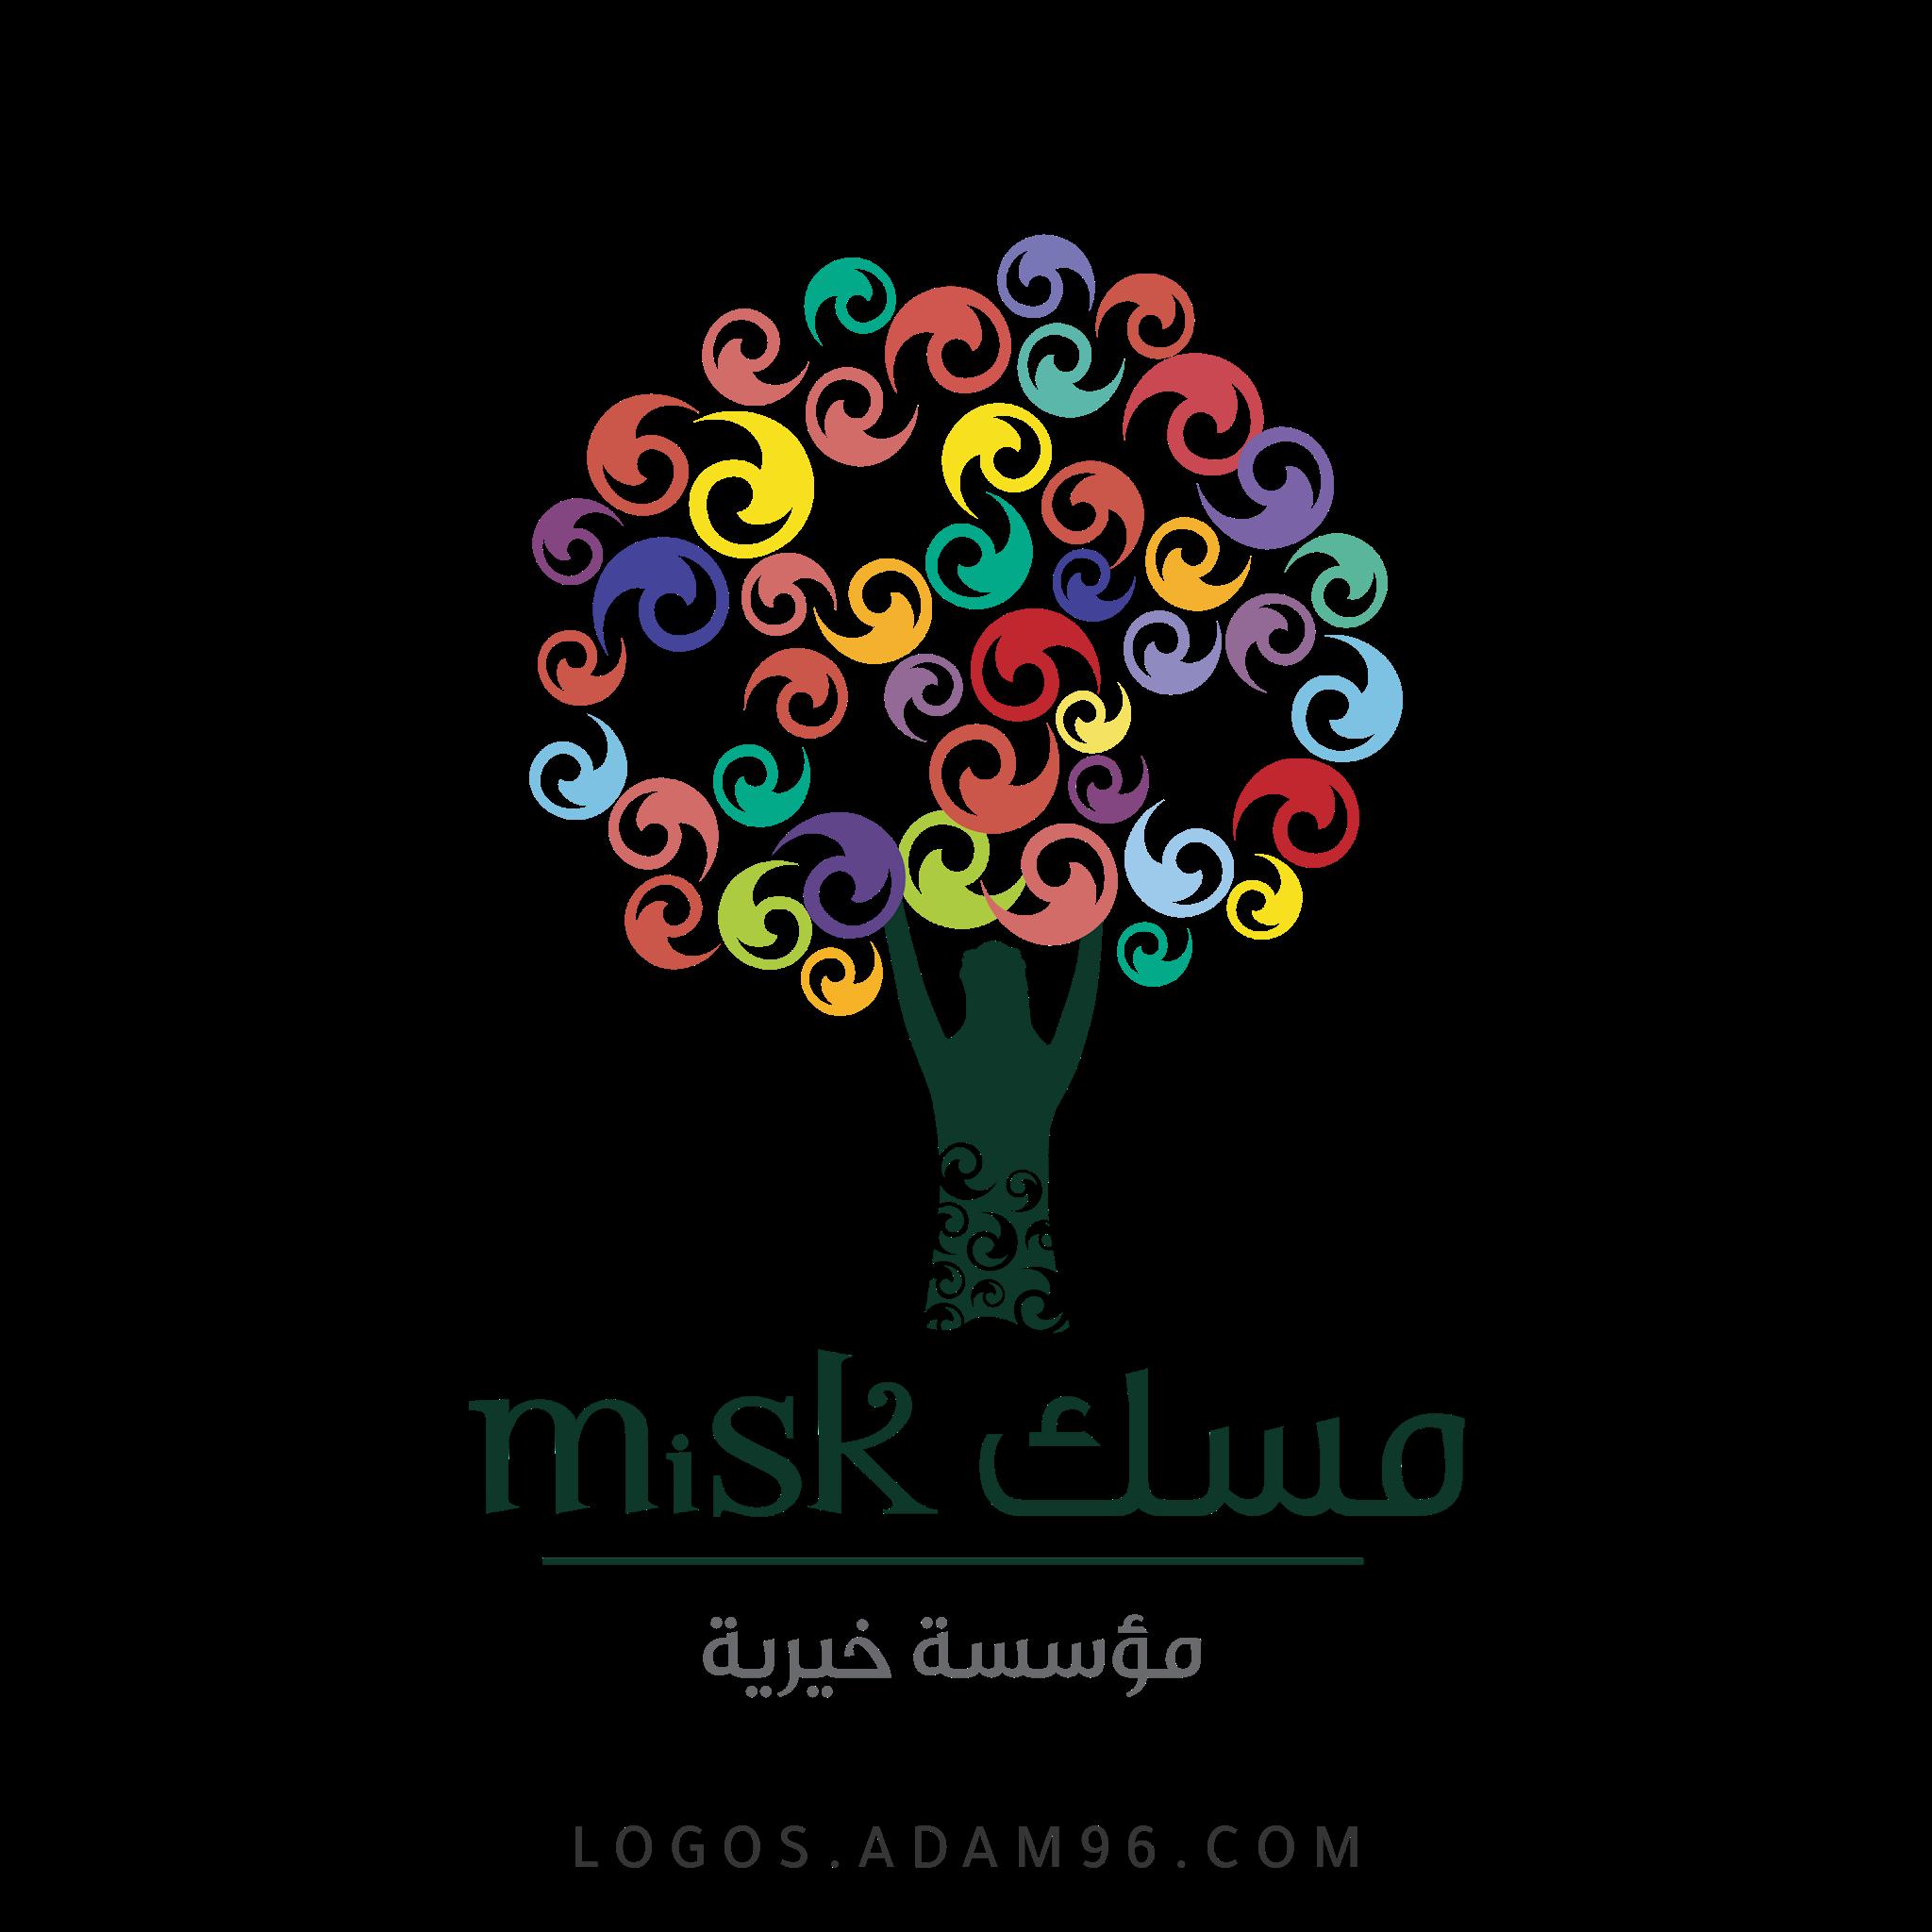 تحميل شعار مؤسسة مسك السعودية لوجو رسمي شفاف PNG